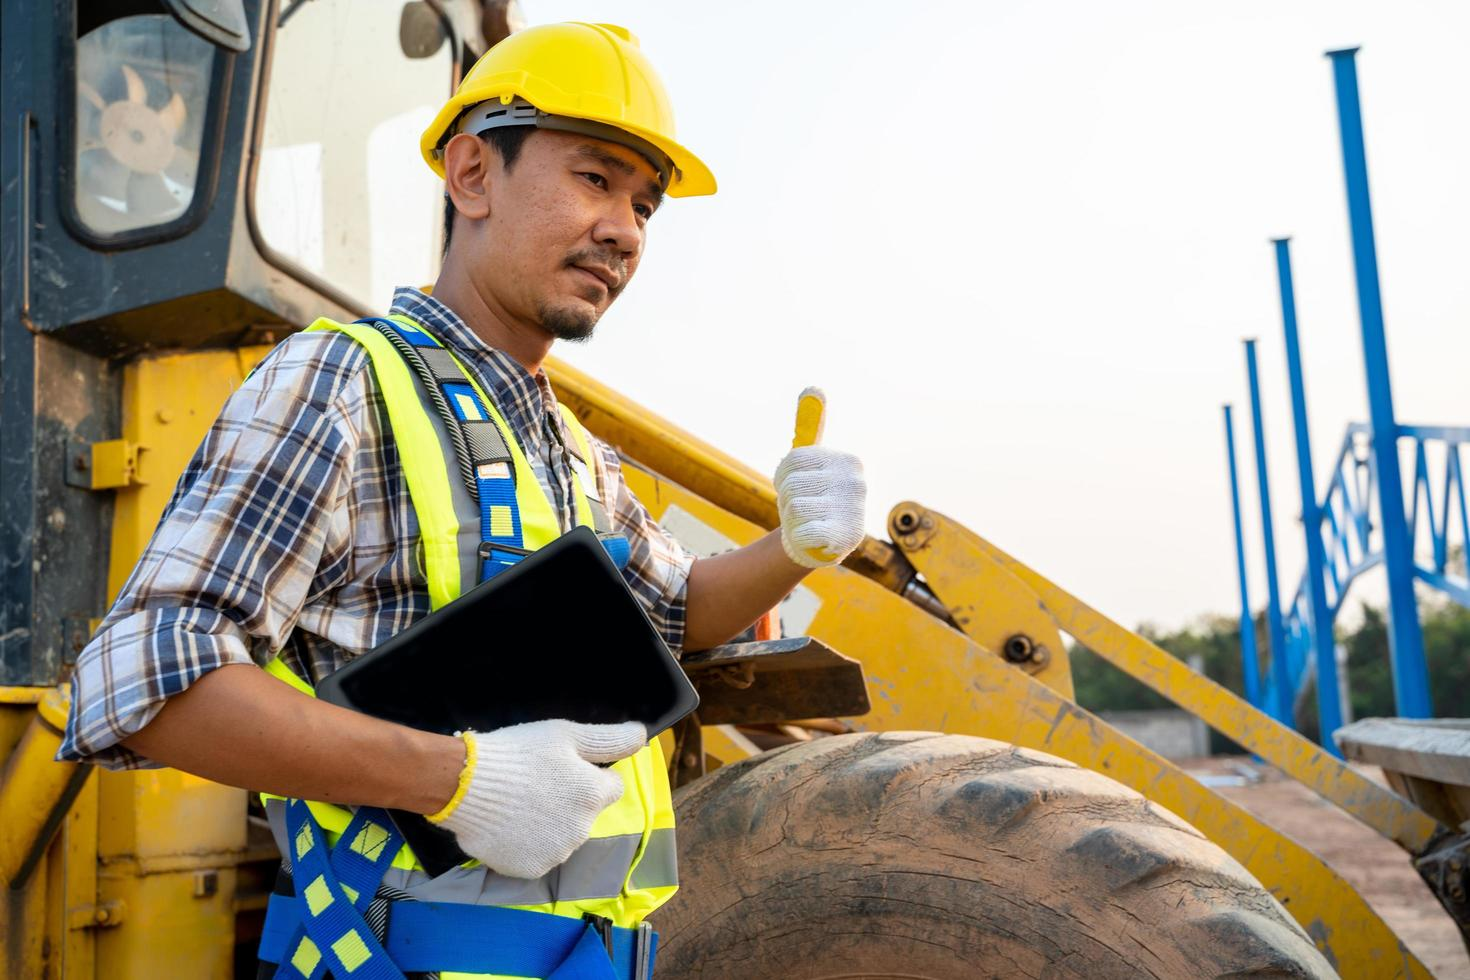 Trabajador de la construcción junto a la retroexcavadora foto